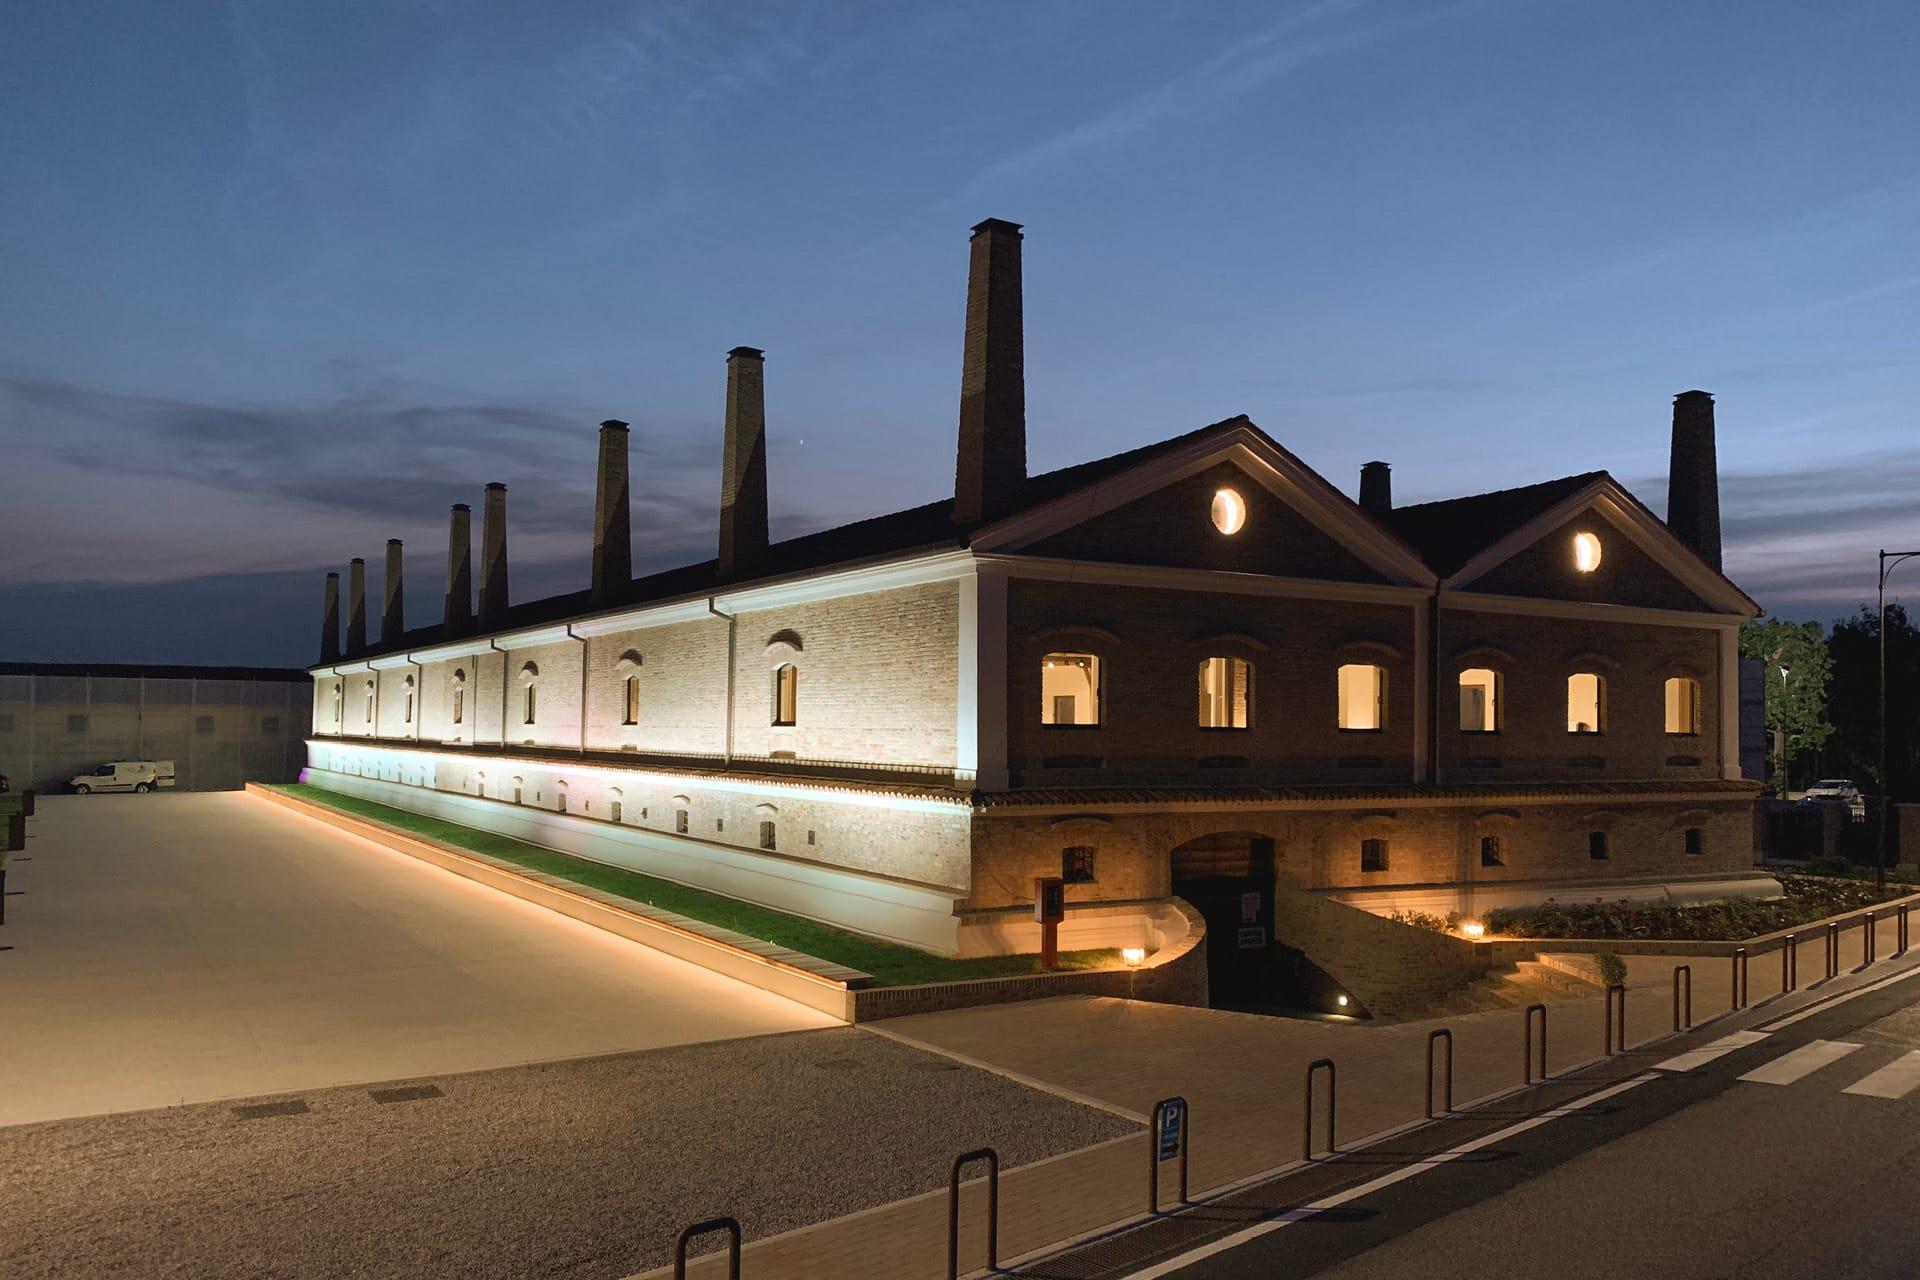 Un edificio industriale costruito dall'impresa Del Bianco di Udine